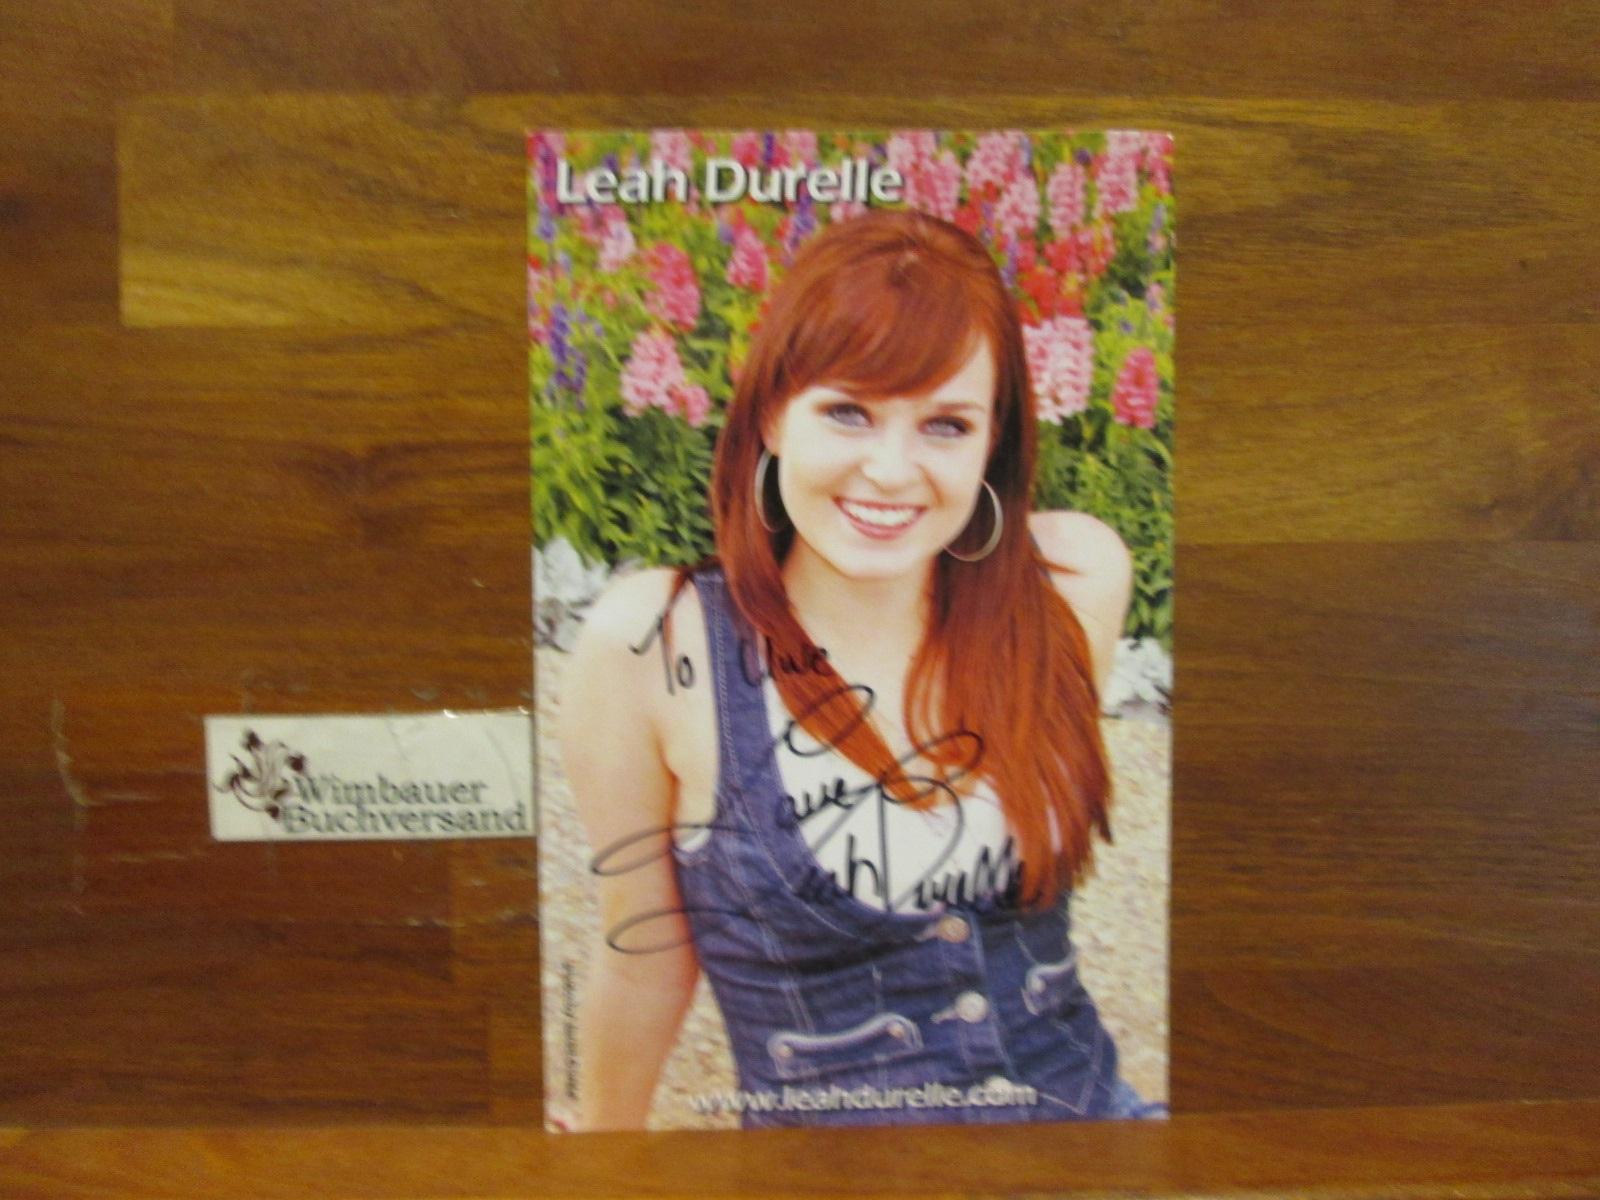 Original Autogramm Leah Durelle /// Autogramm Autograph signiert signed signee